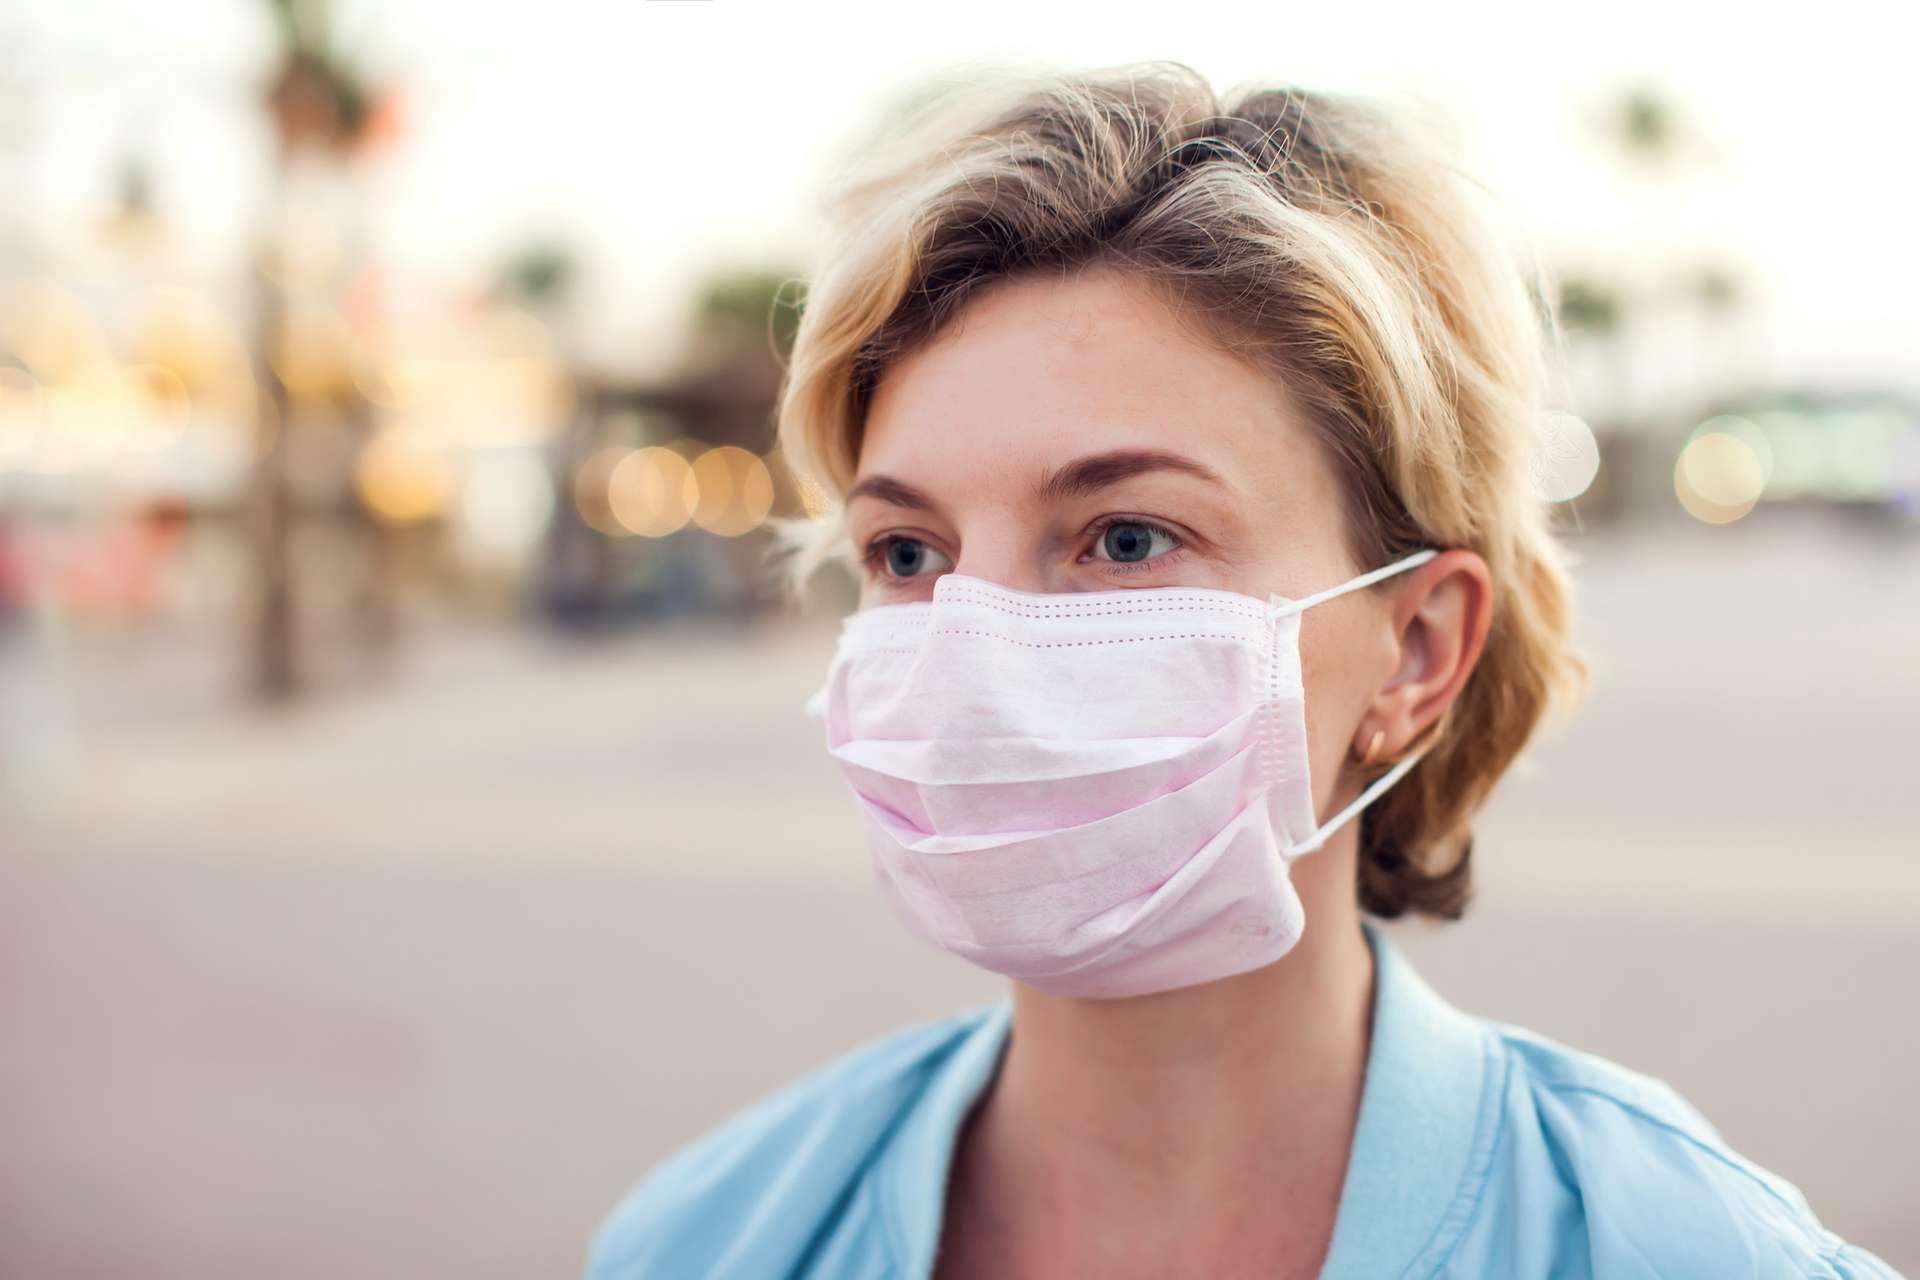 Masques en coton et masques chirurgicaux ne filtrent pas efficacement les microgouttelettes pouvant contenir le virus SRAS-CoV-2. © Aleksej, Adobe Stock